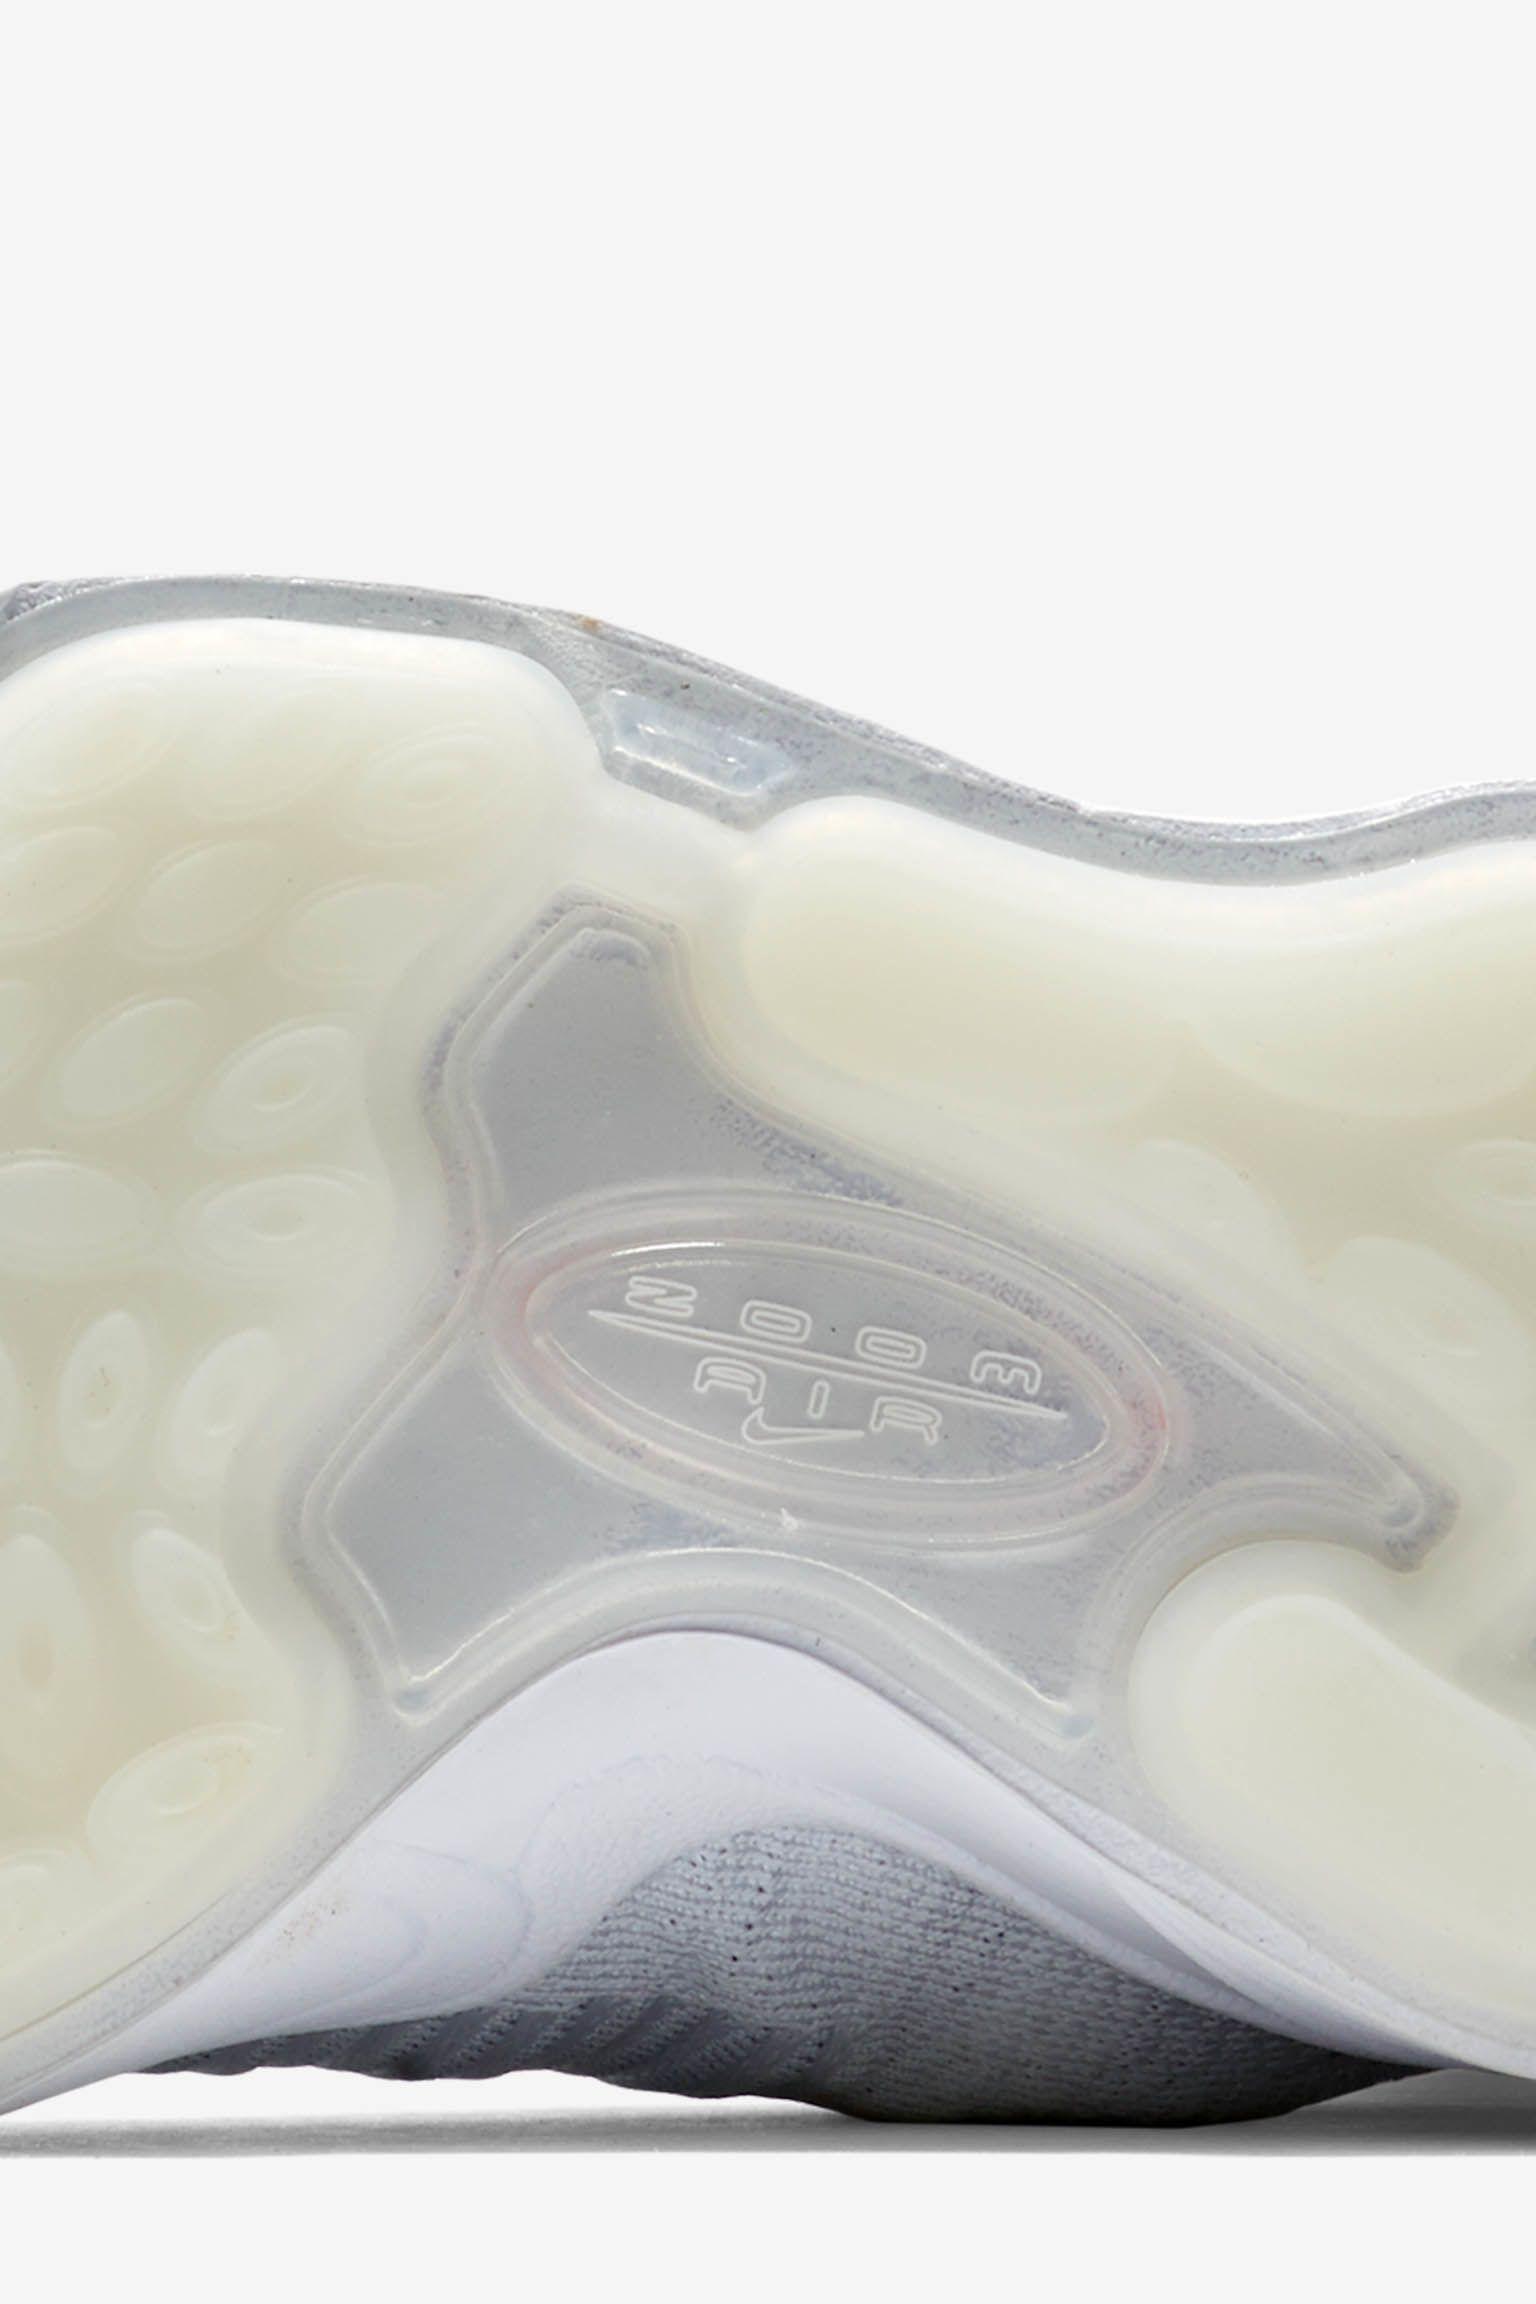 Nike Zoom Mercurial XI Flyknit 'Triple White'